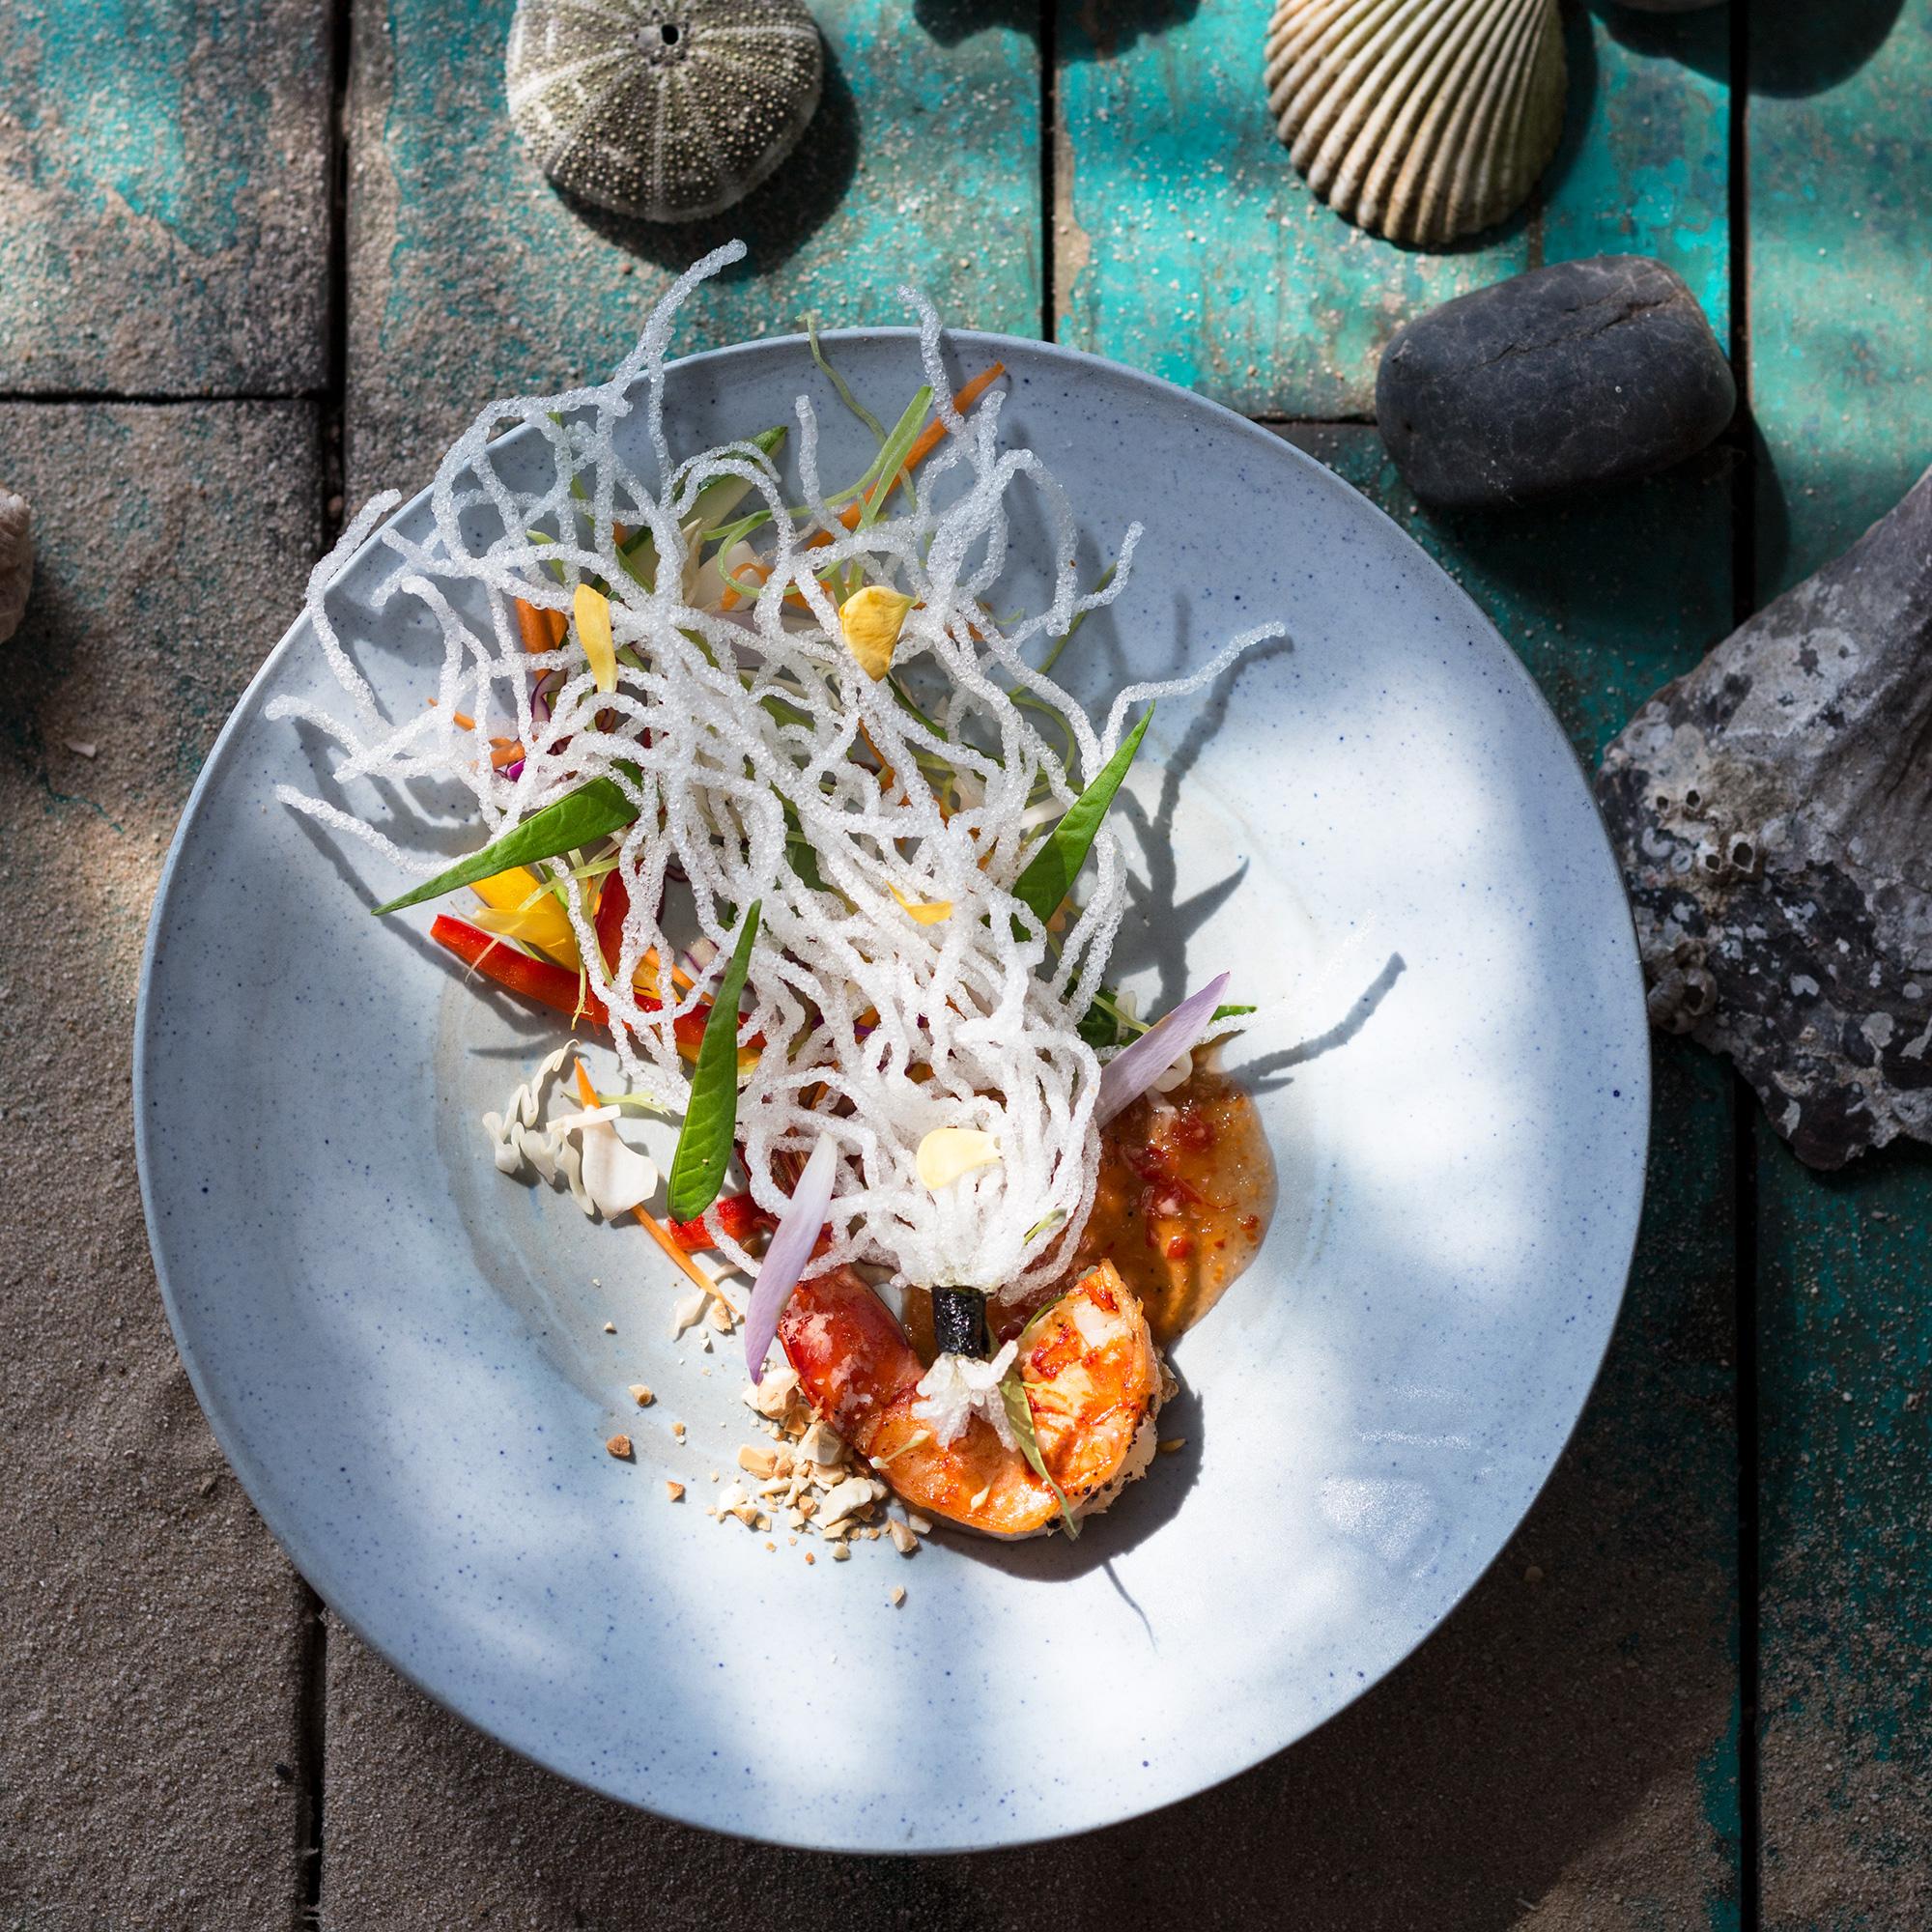 The Khmer Cuisine – Fischgericht